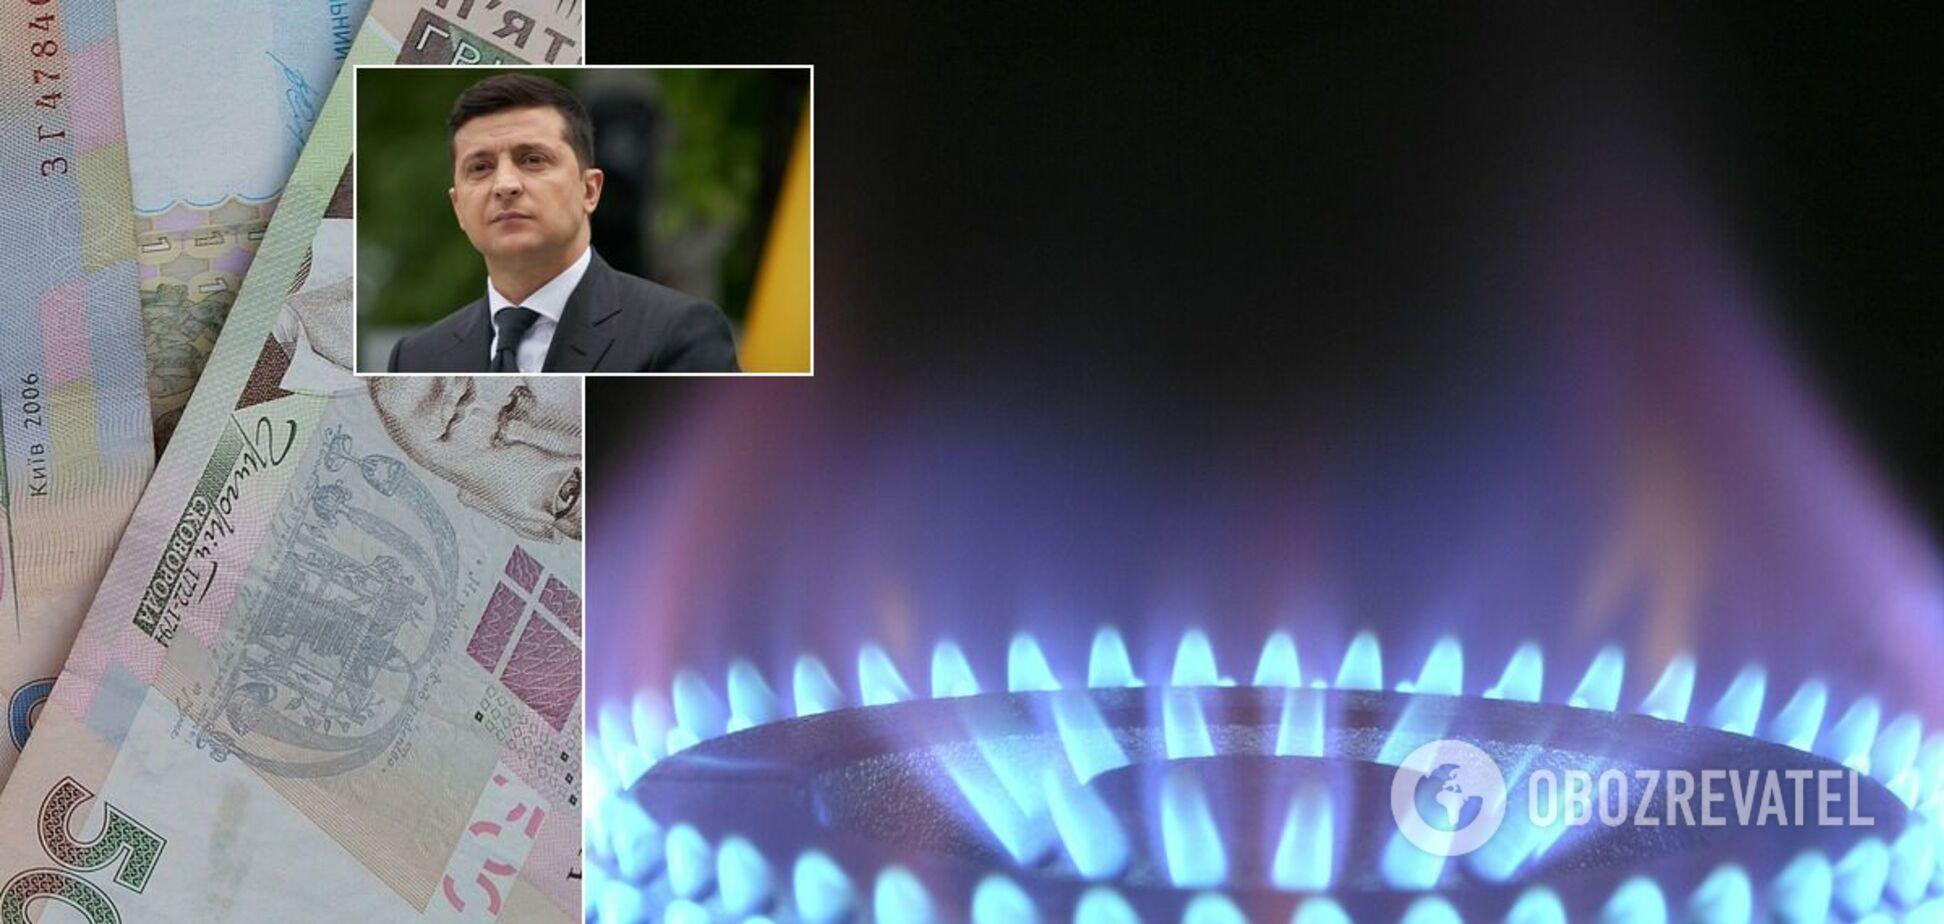 Зеленский анонсировал 'справедливую' цену на газ